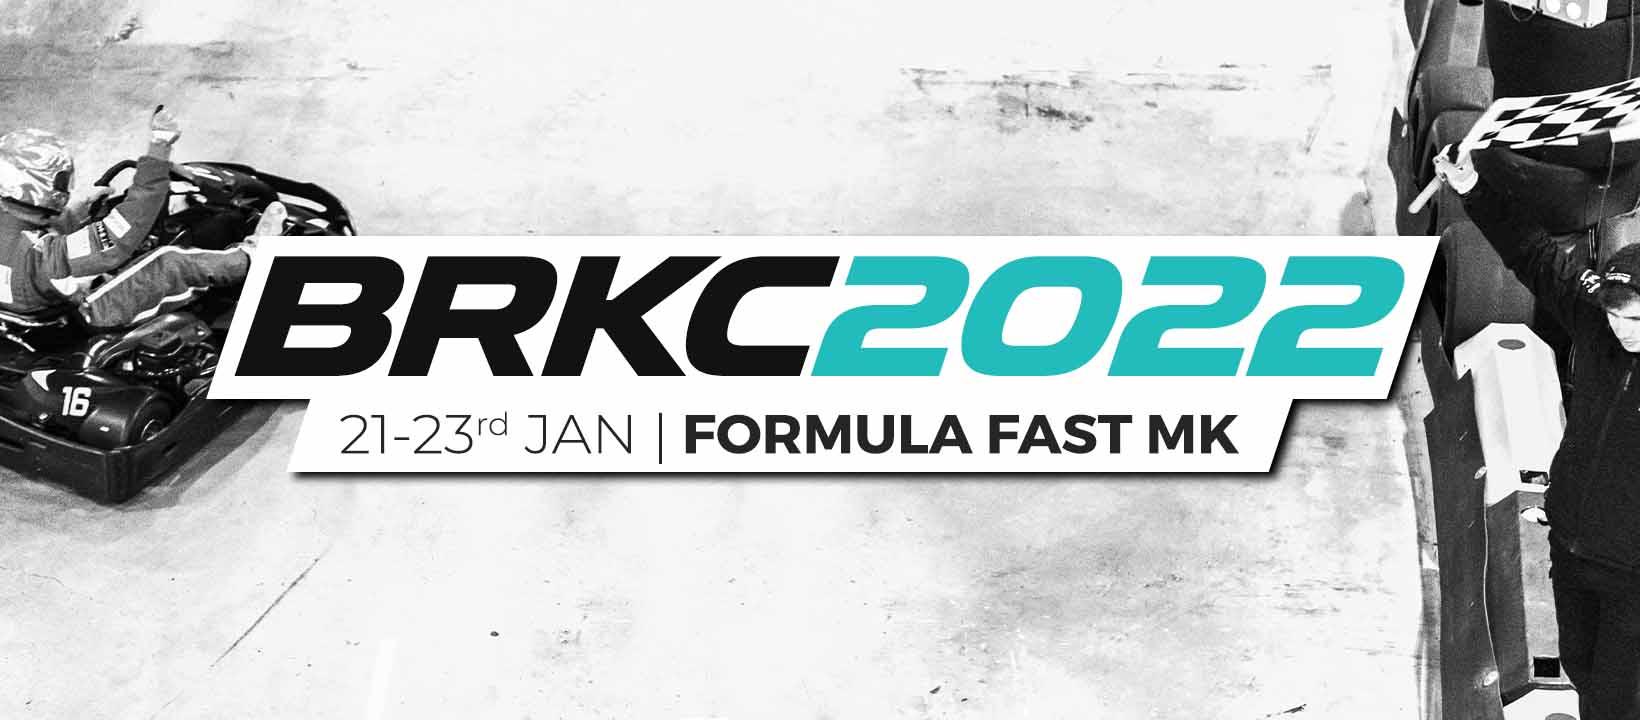 BRKC 2022 Entries Opening